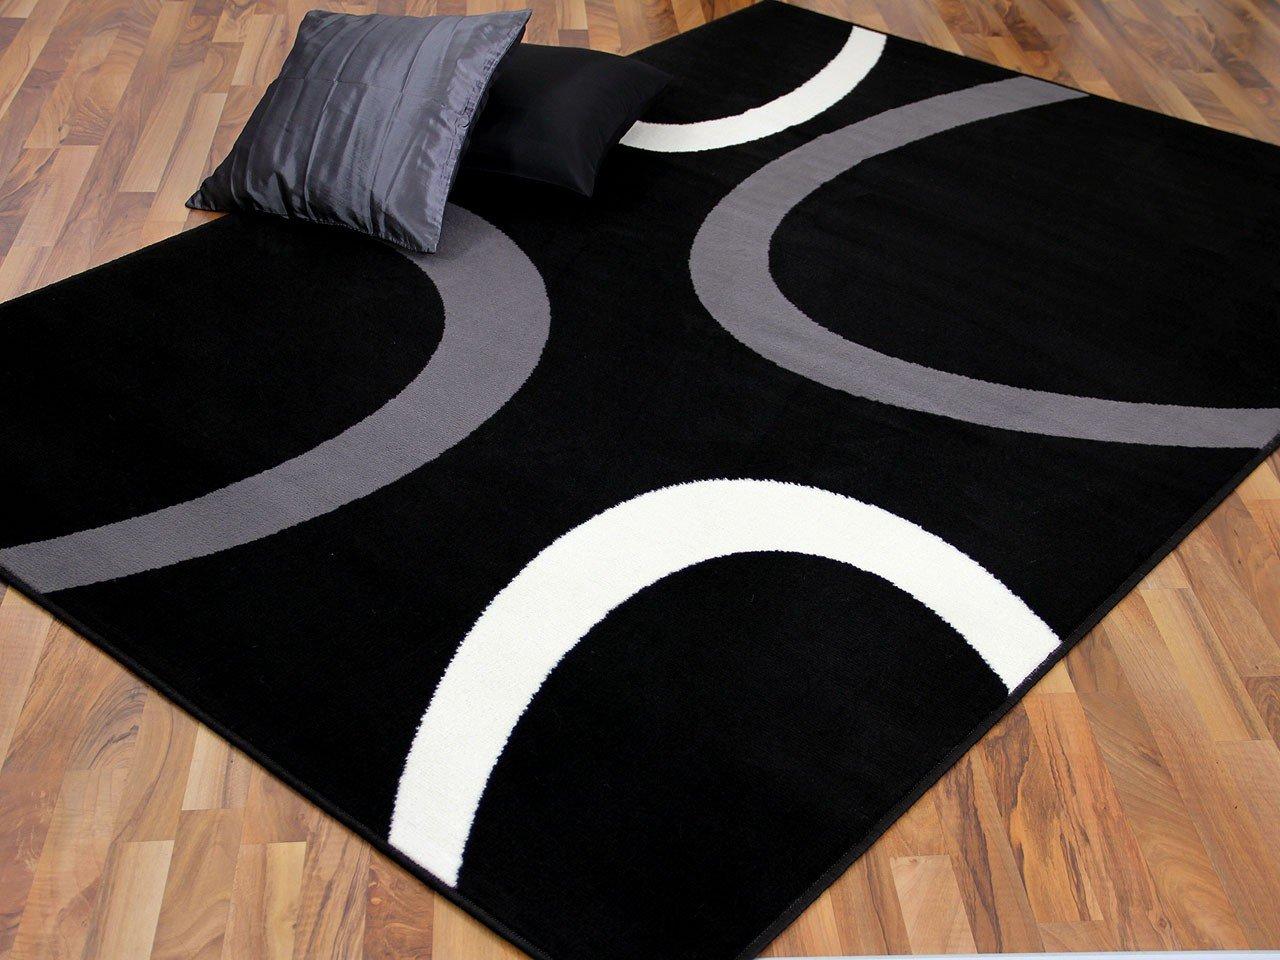 Teppich Trendline Schwarz Kreise in 4 Größen    Bewertungen und Beschreibung